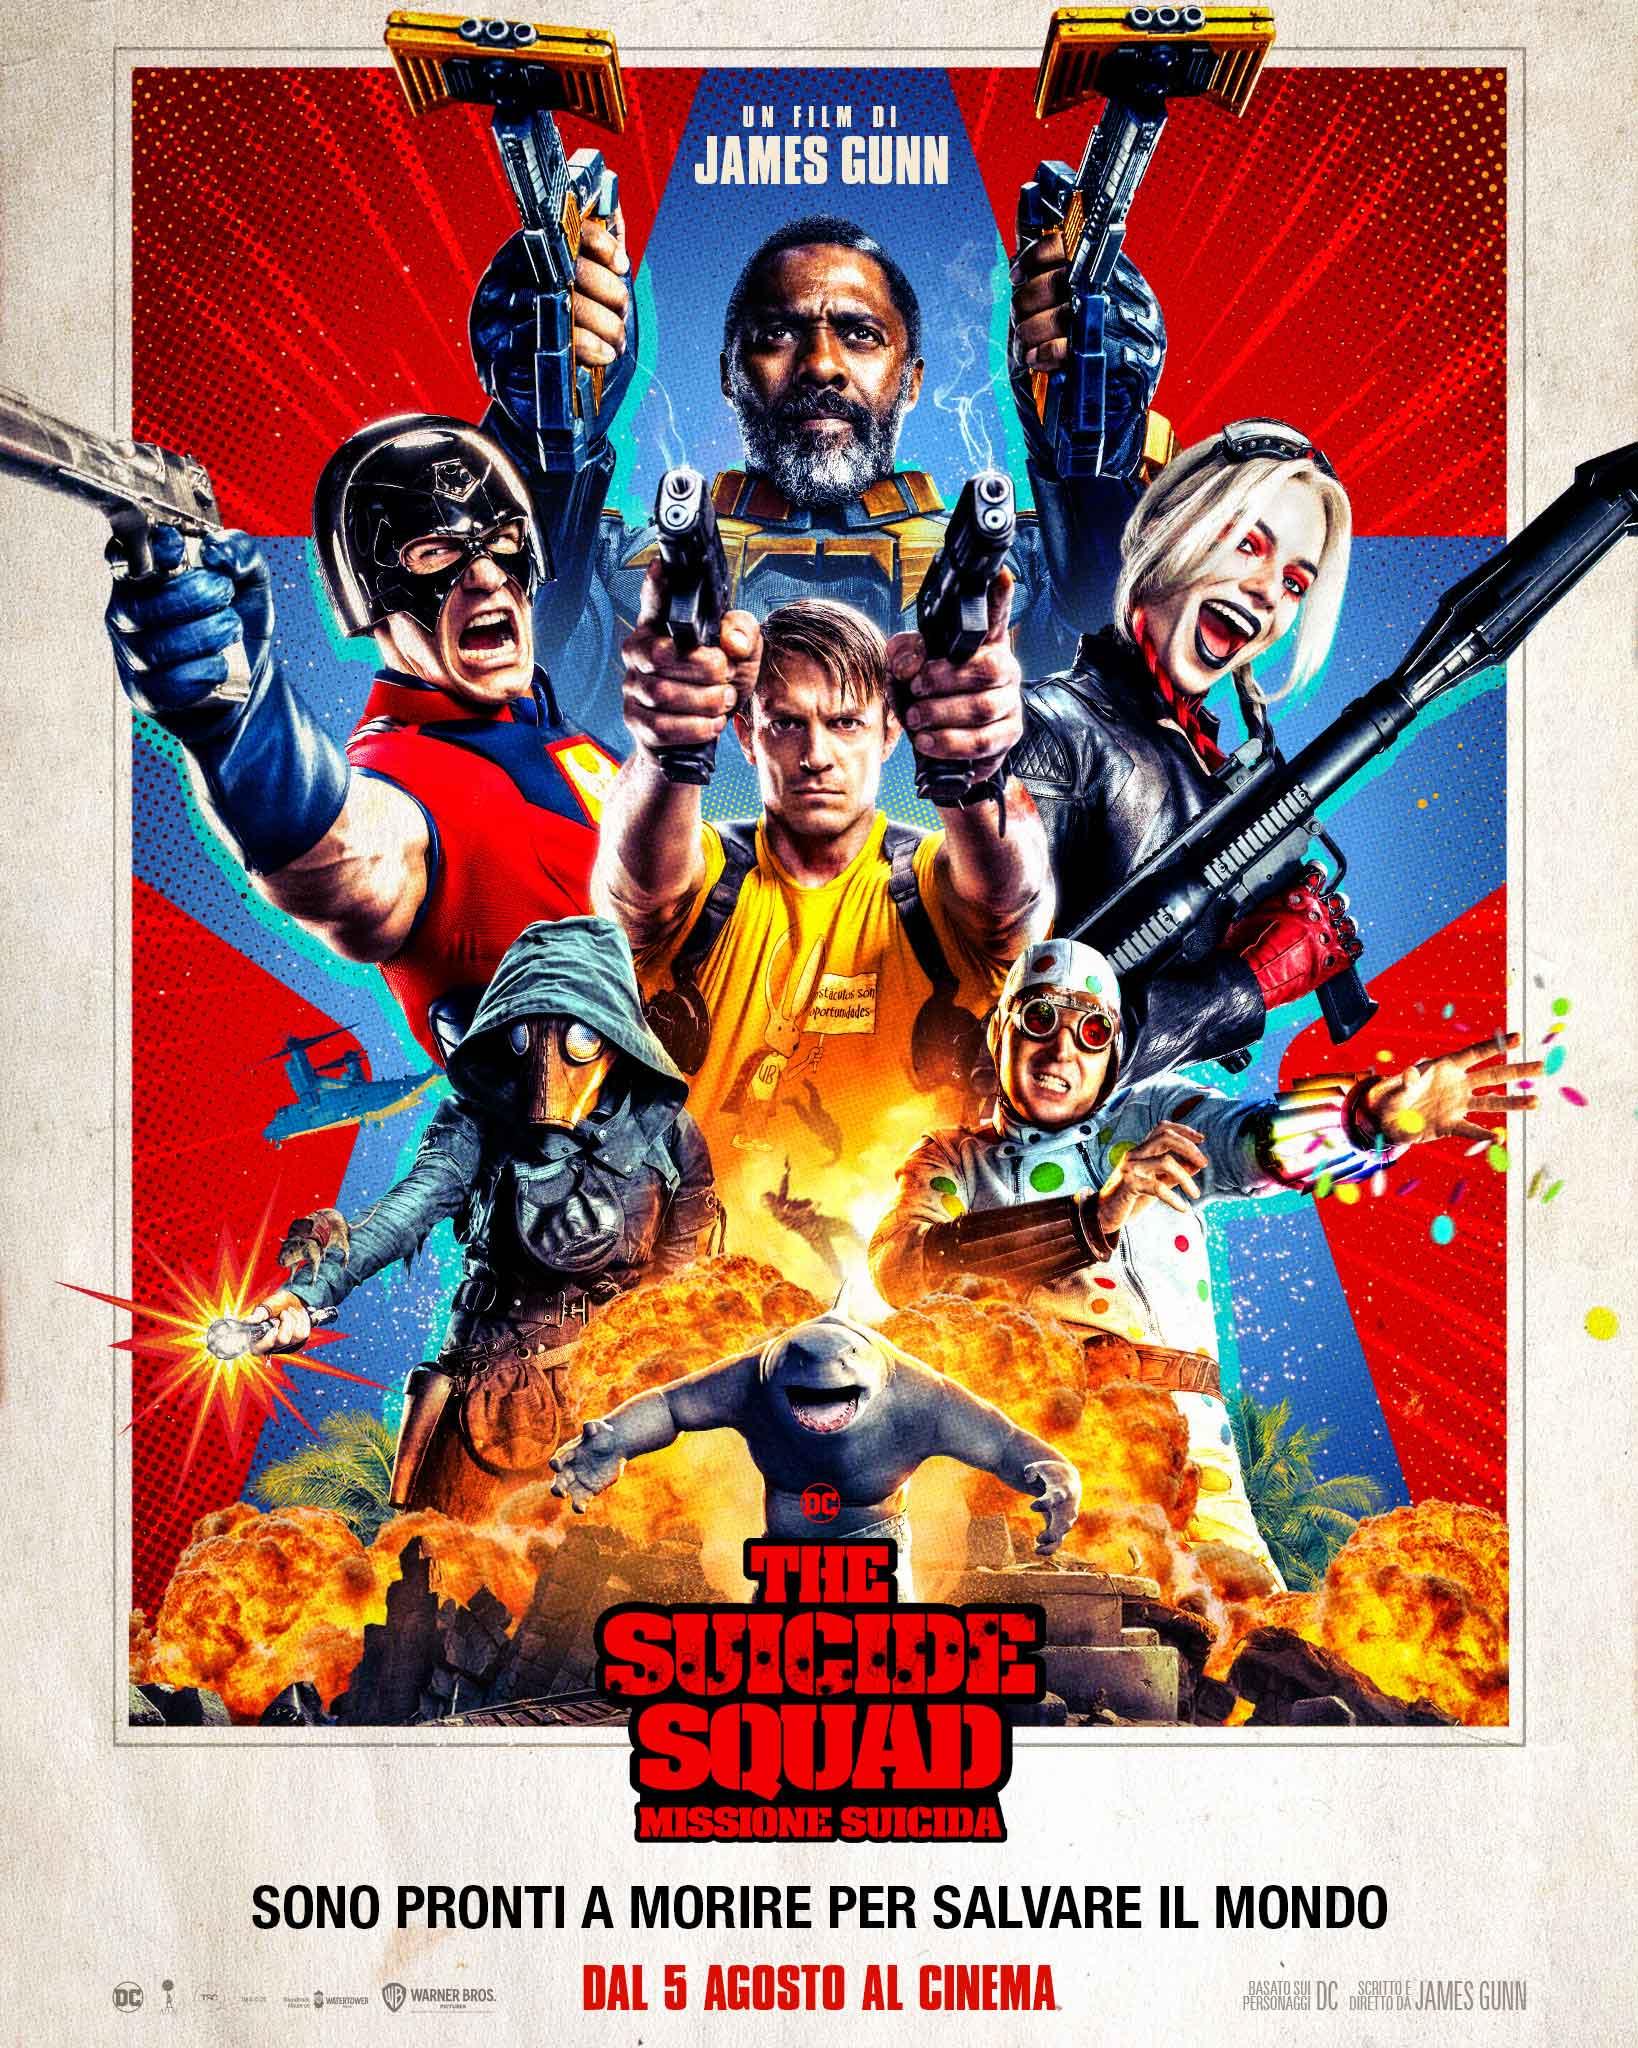 The Suicide Squad - Missione Suicida: il poster italiano